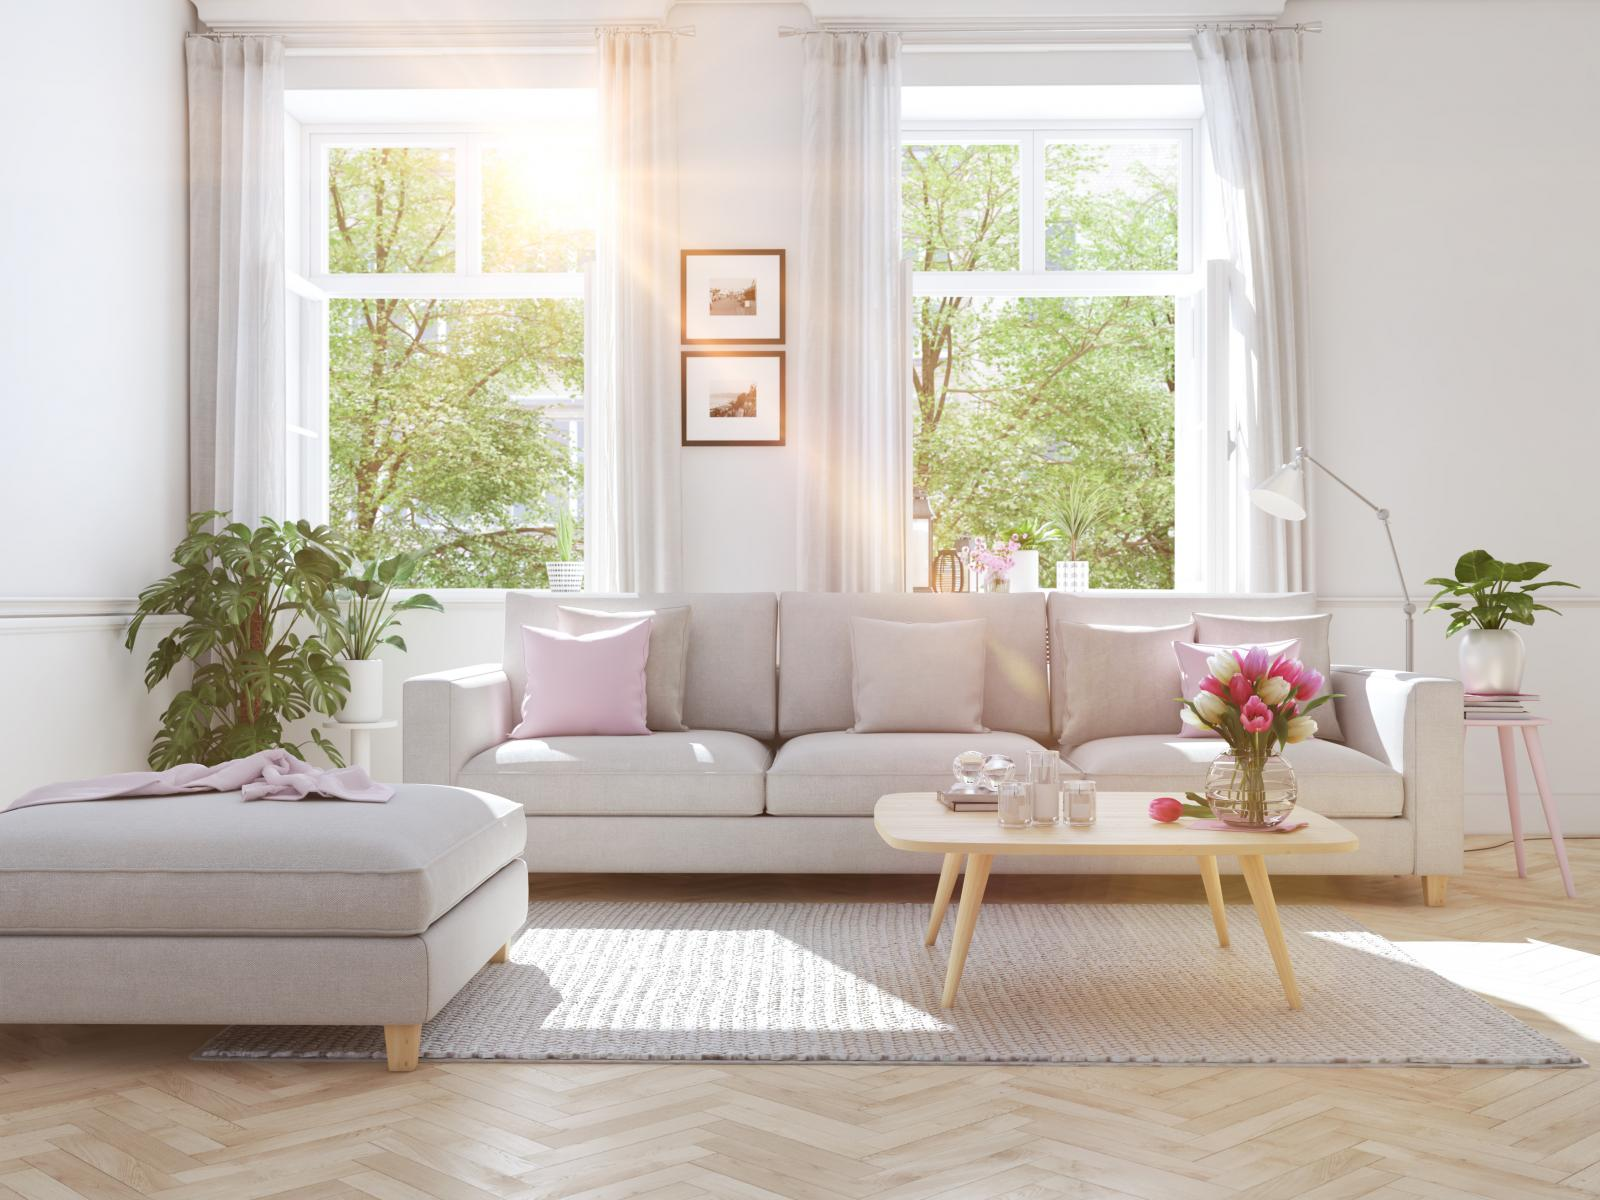 Phòng khách màu trắng với sofa trắng, lọ hoa trên bàn... đặt cạnh cửa sổ nhiều ánh nắng.